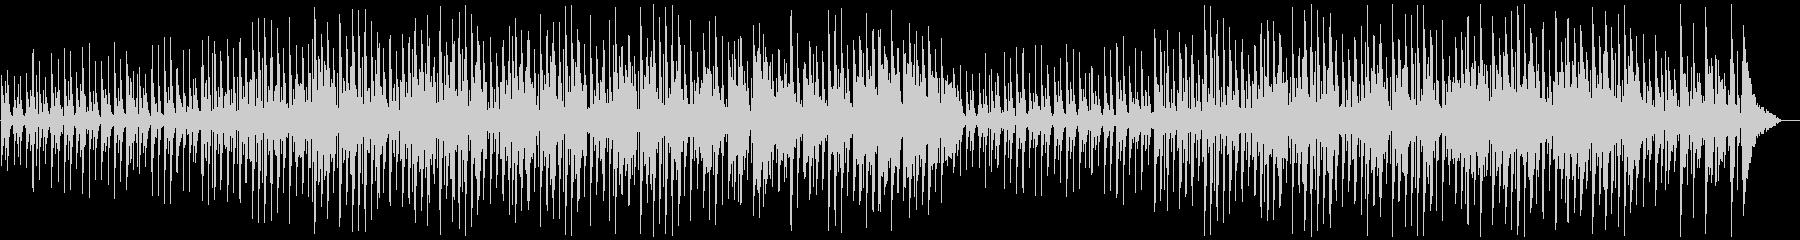 キラキラ可愛いモフモフした印象のBGMの未再生の波形